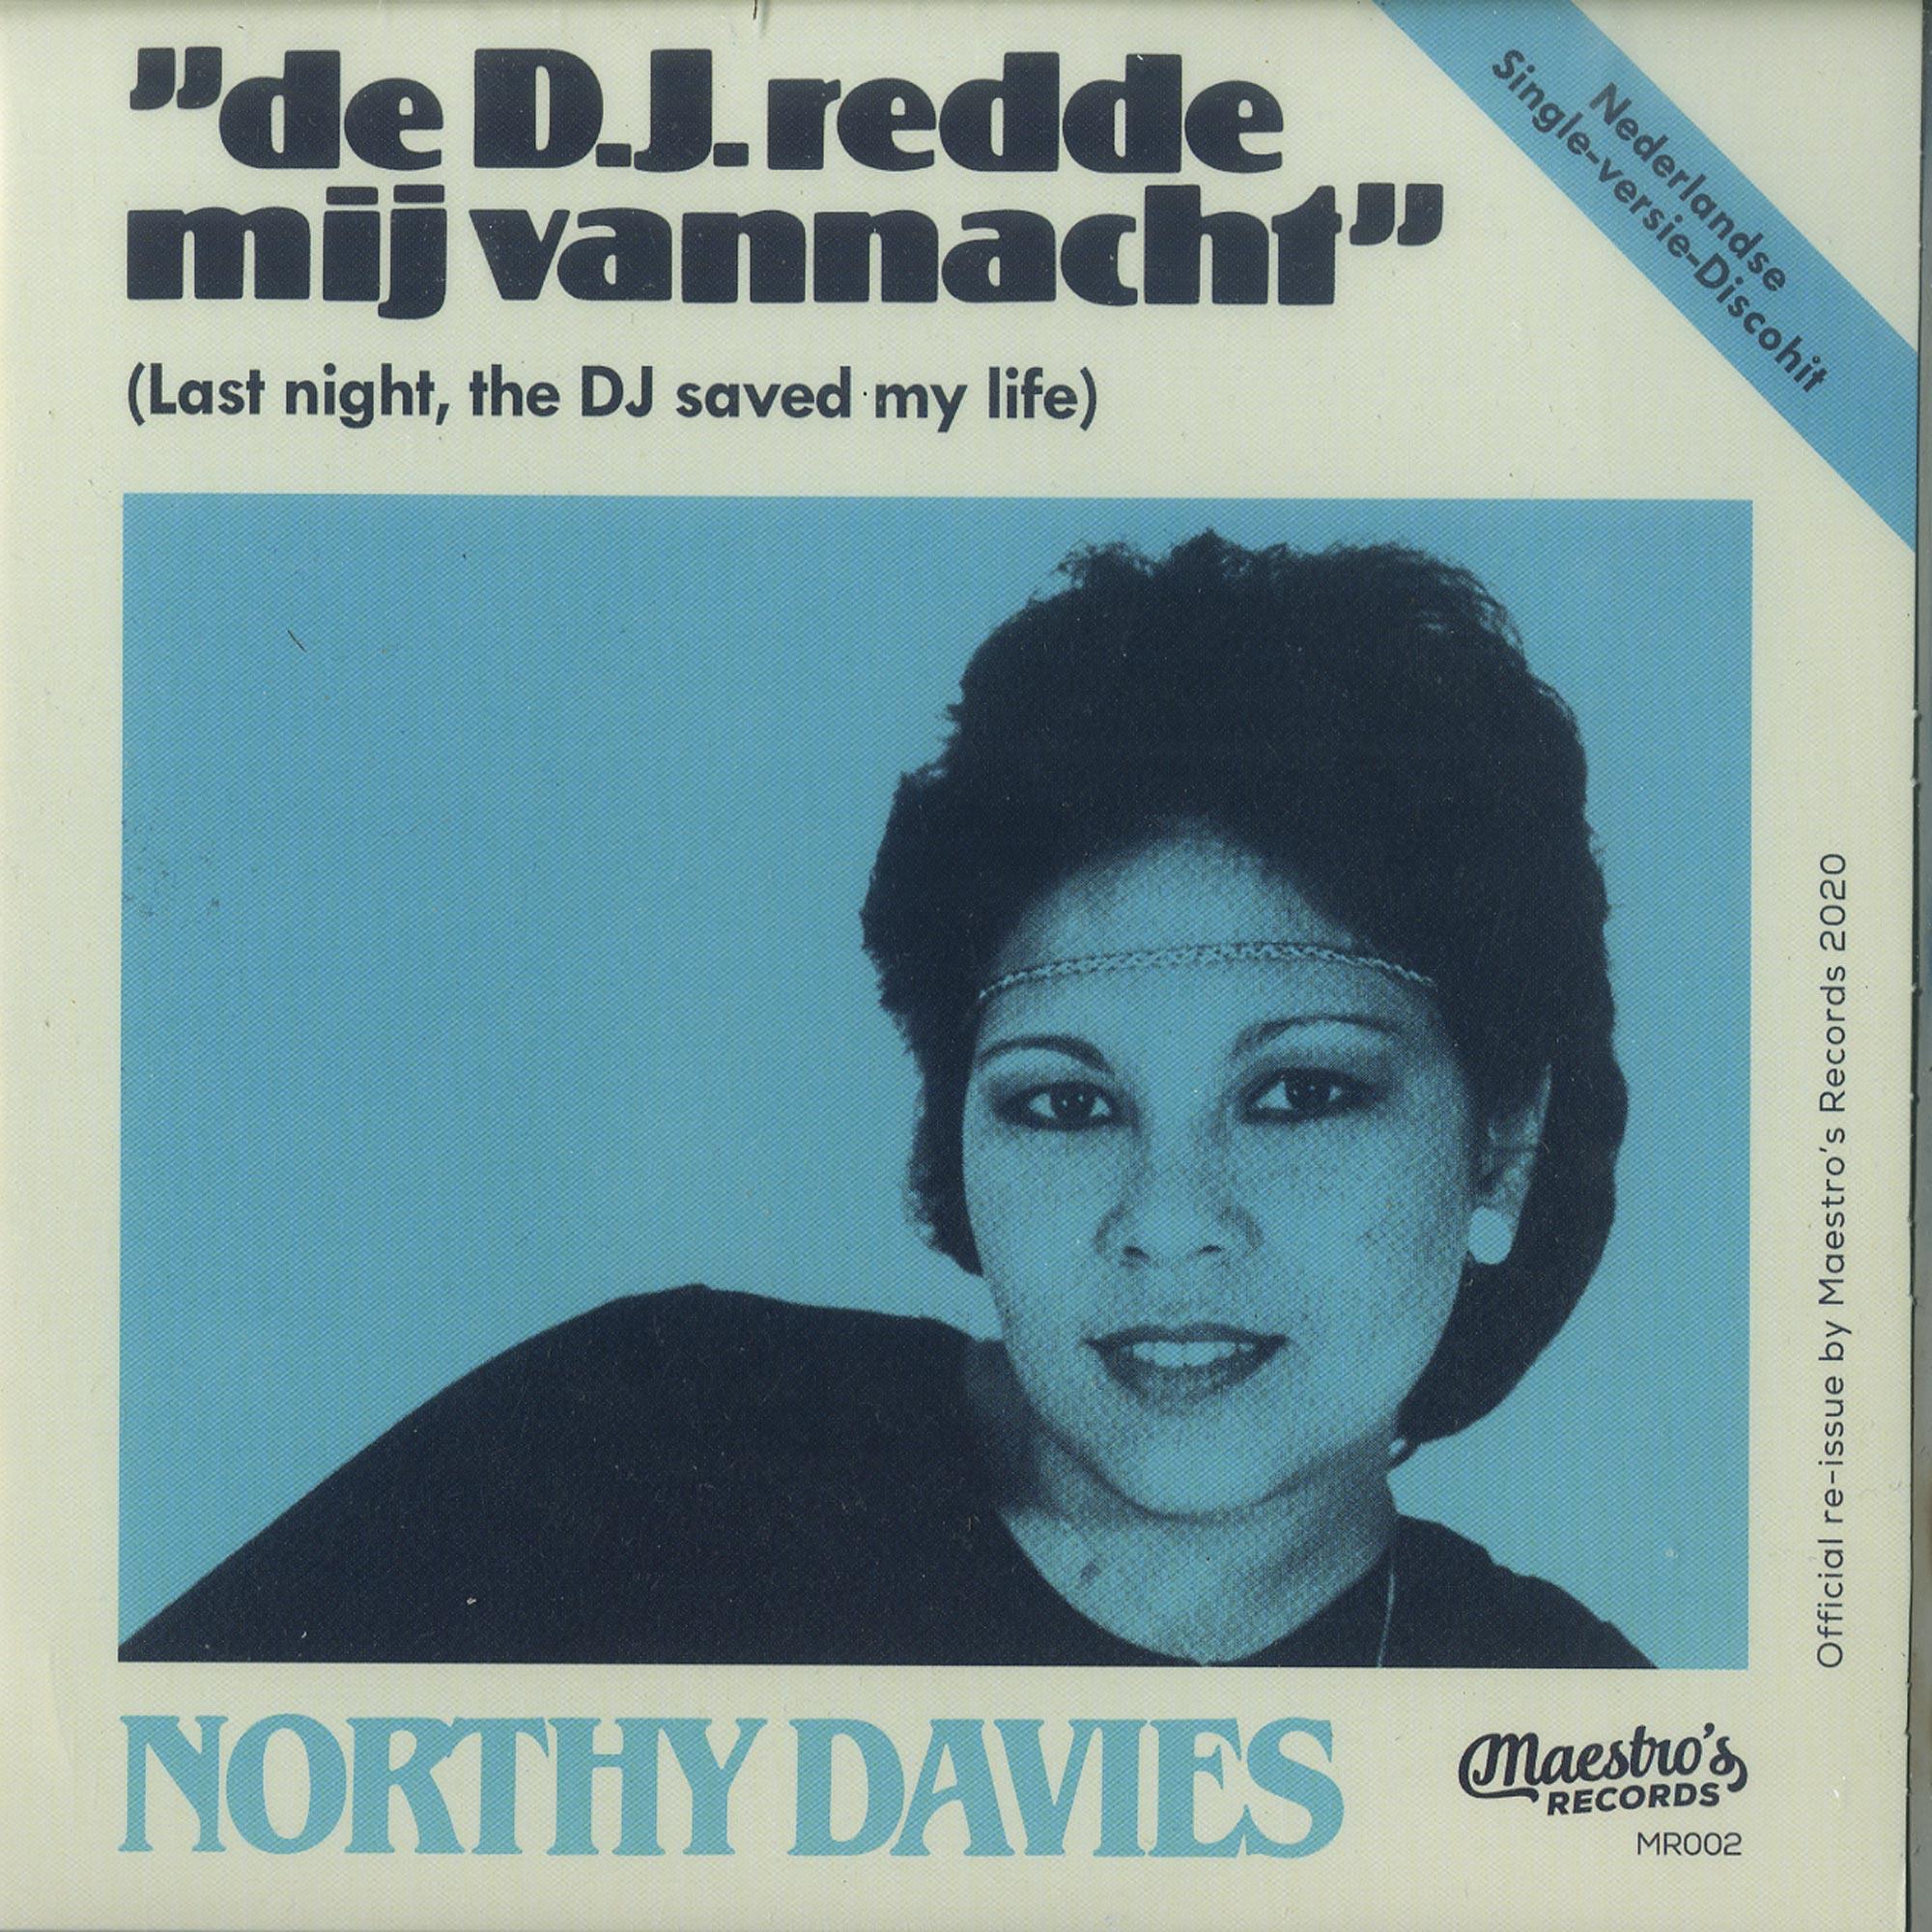 Northy Davies - DE D.J. REDDE MIJ VANNACHT